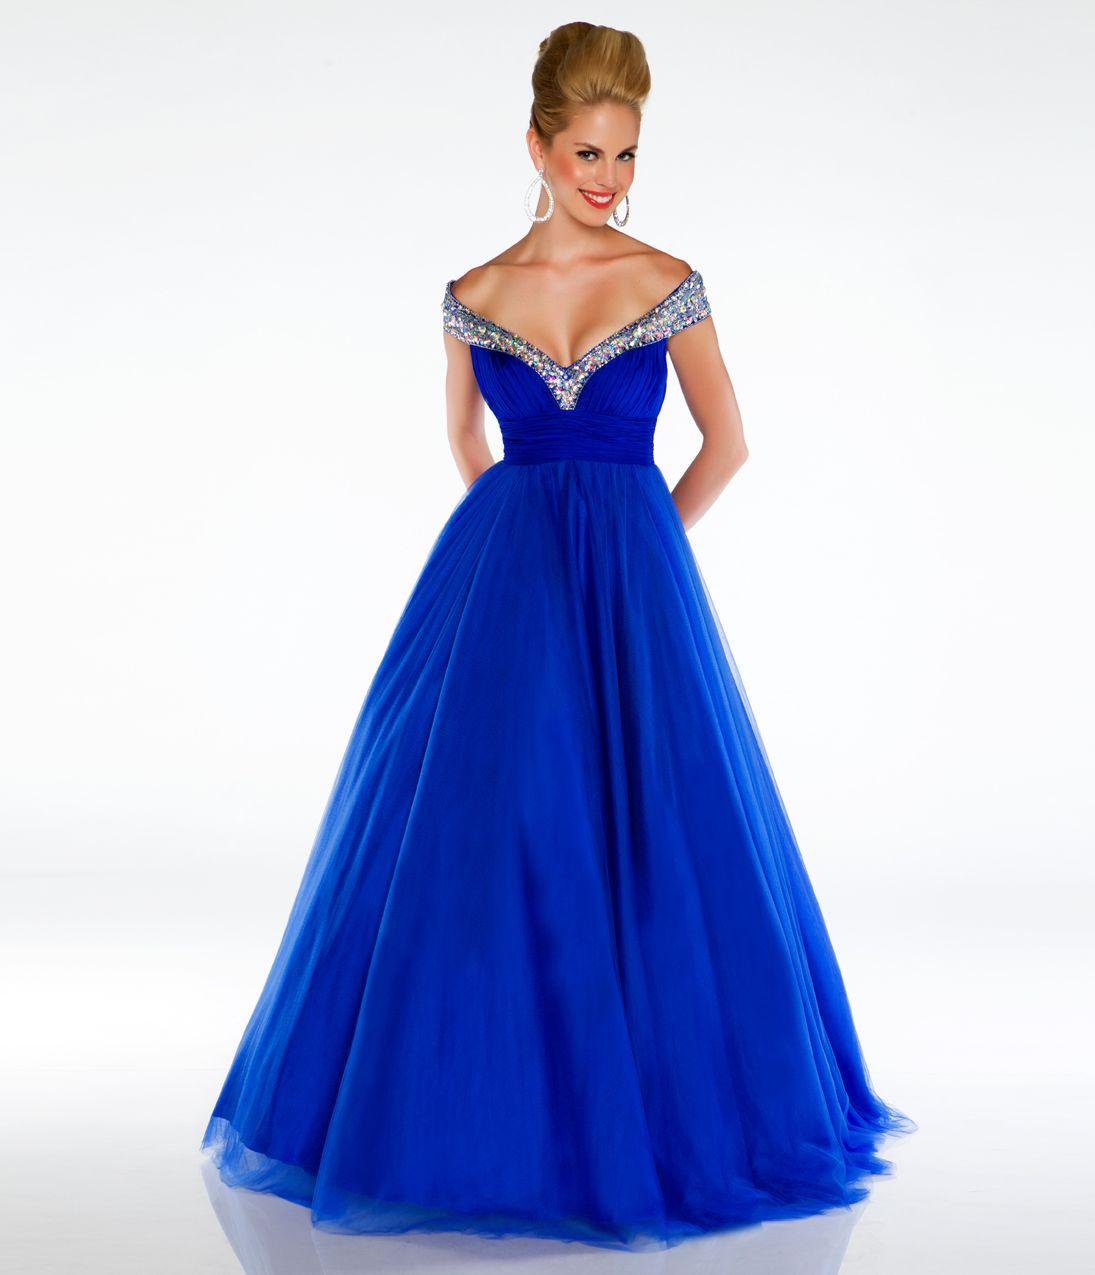 pin von rebekah auf blue fashion | schöne kleider